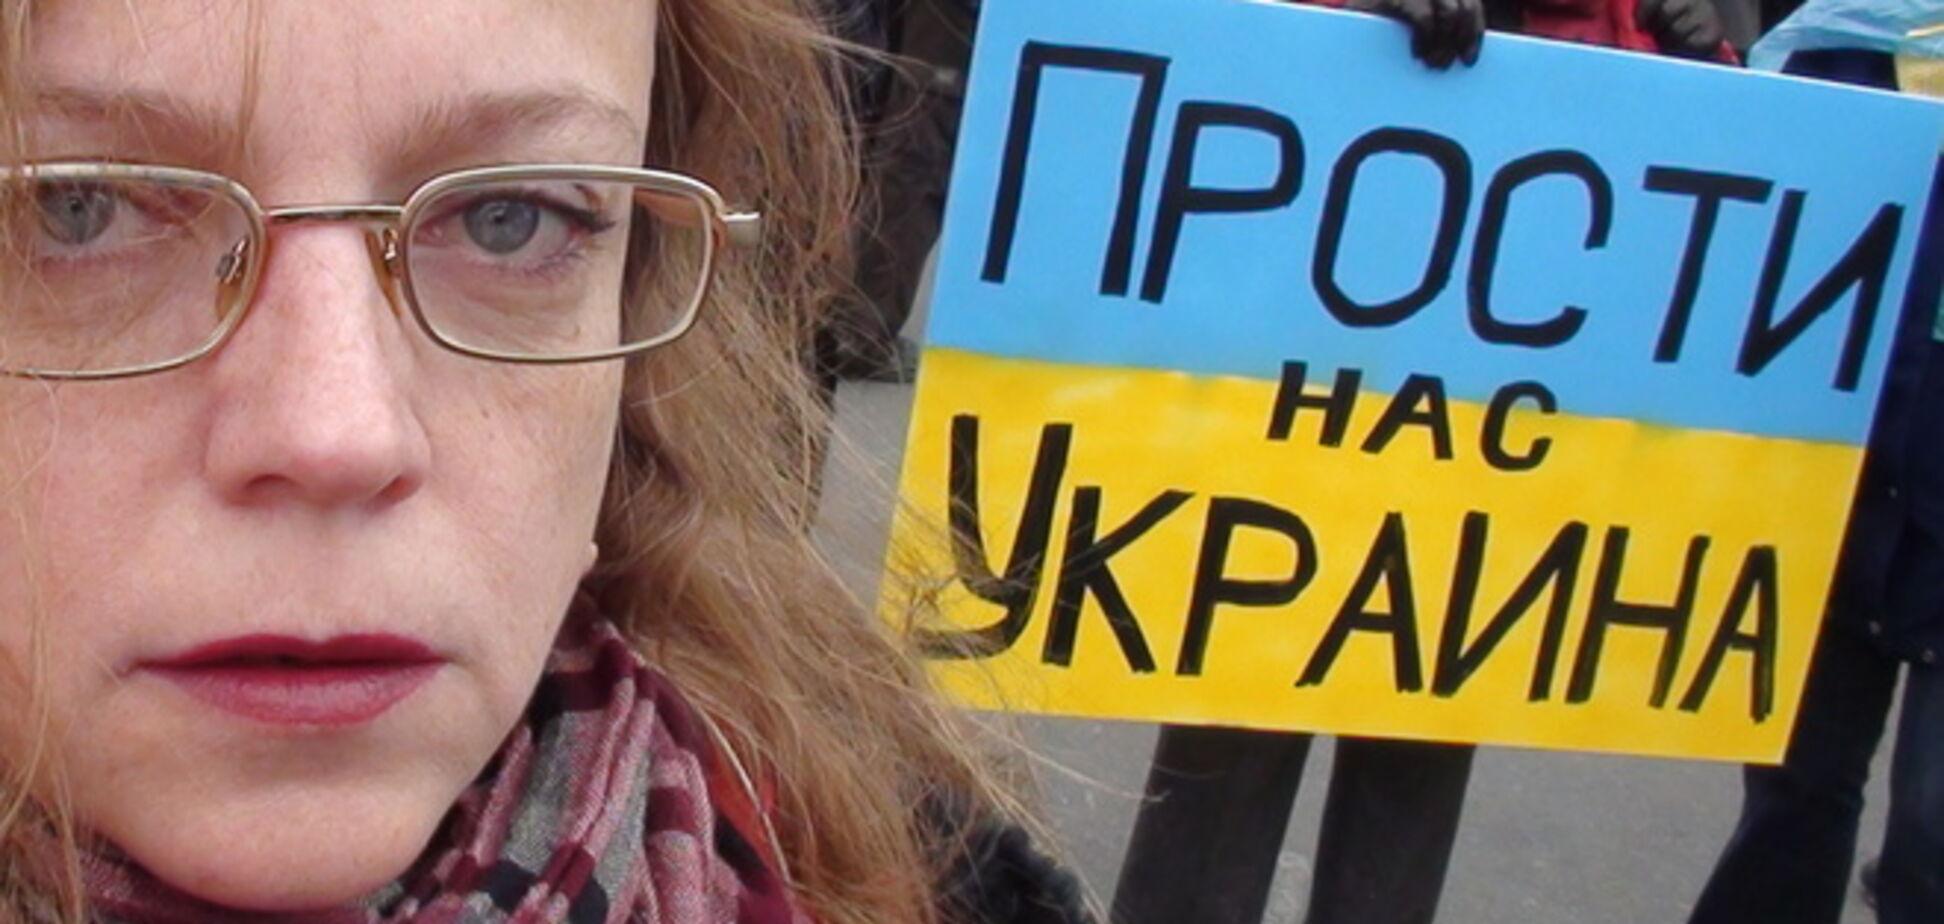 Около 20 россиян вышли к посольству Украины в Москве в вышиванках и с плакатом 'Пробачте нас'